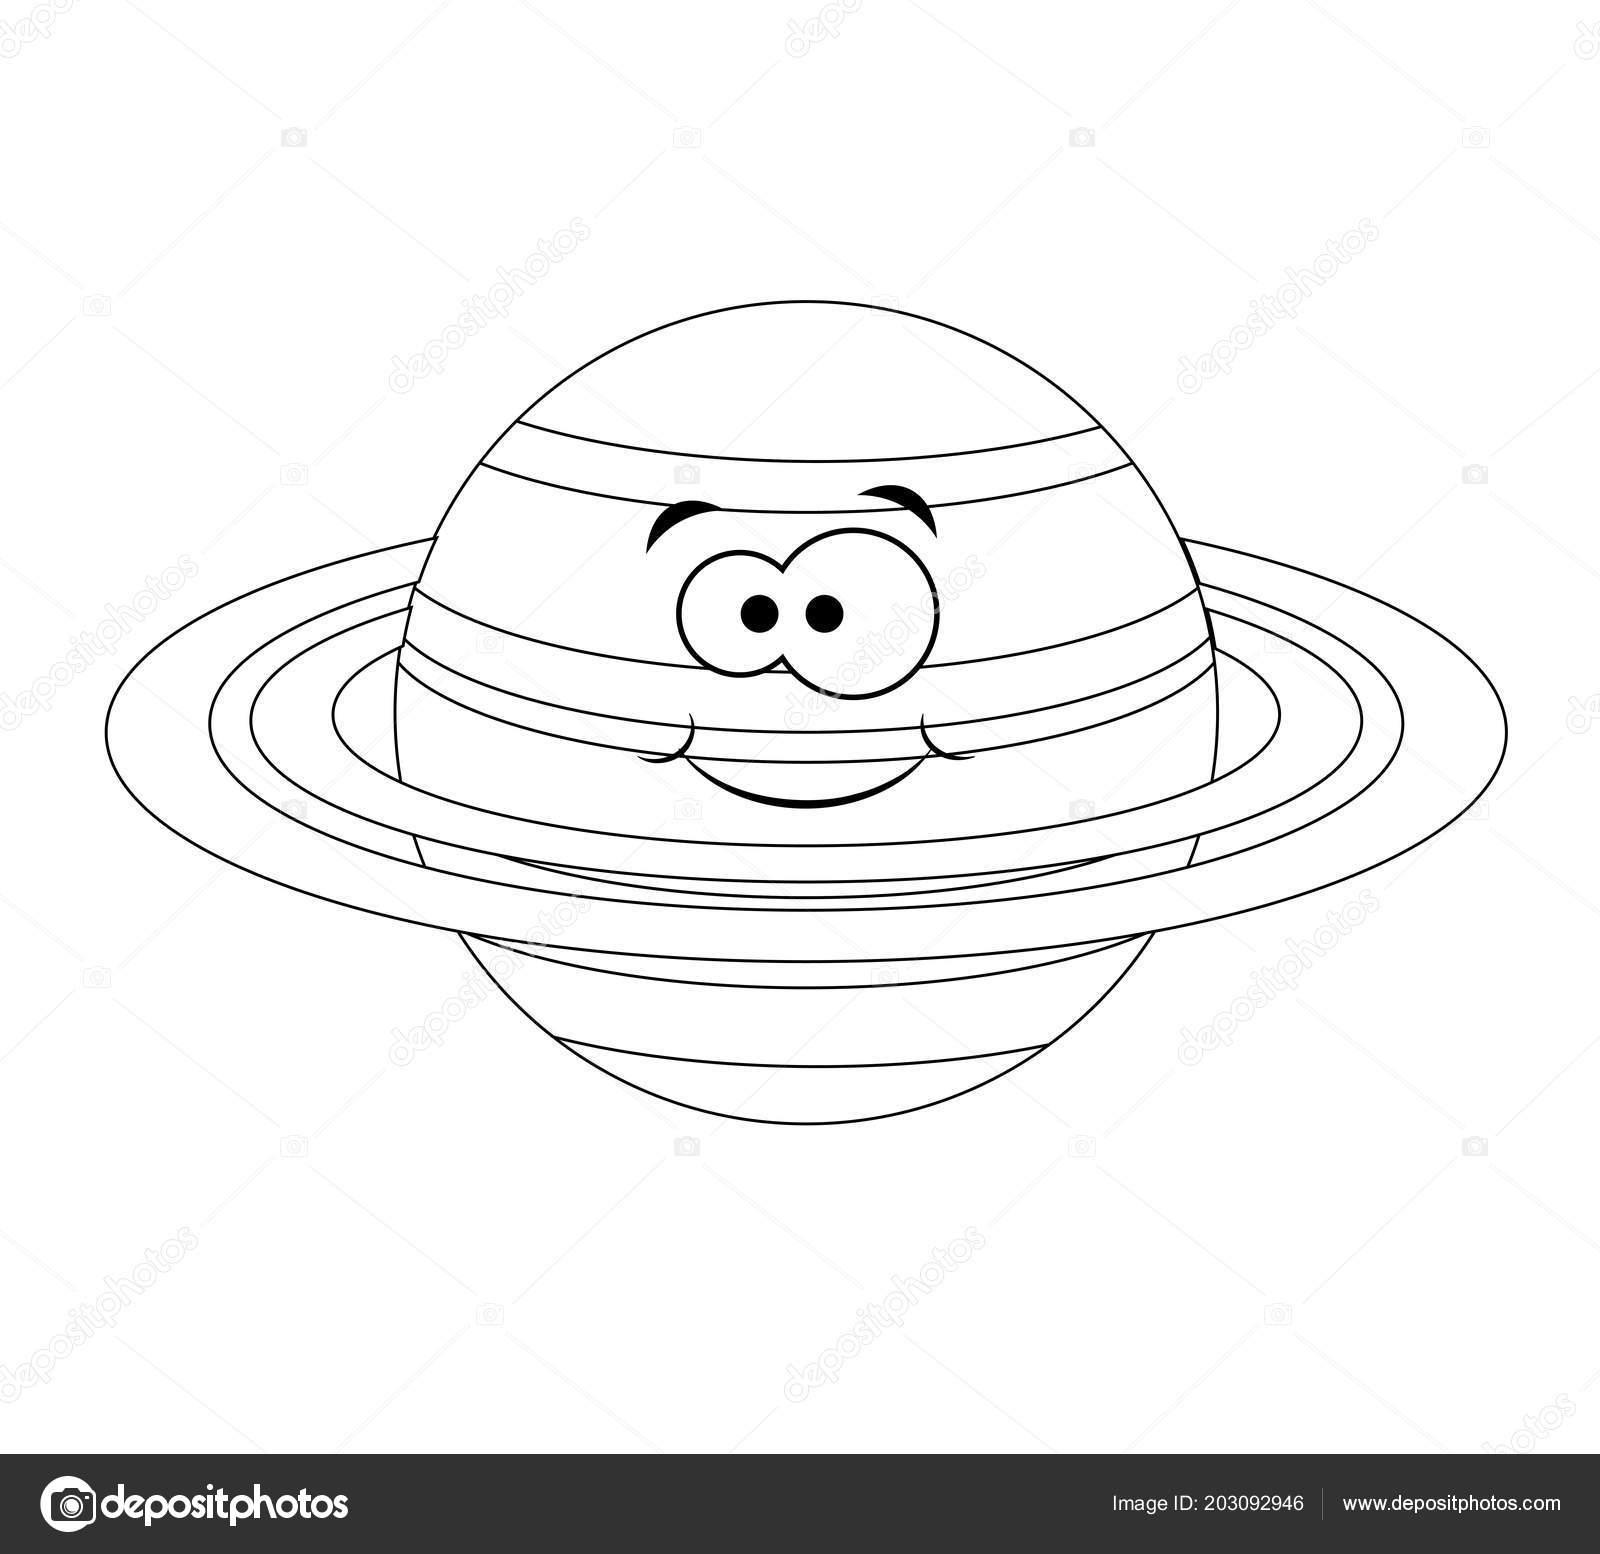 Renksiz Komik Karikatür Satürn Gezegeni Vektör çizim Col Stok